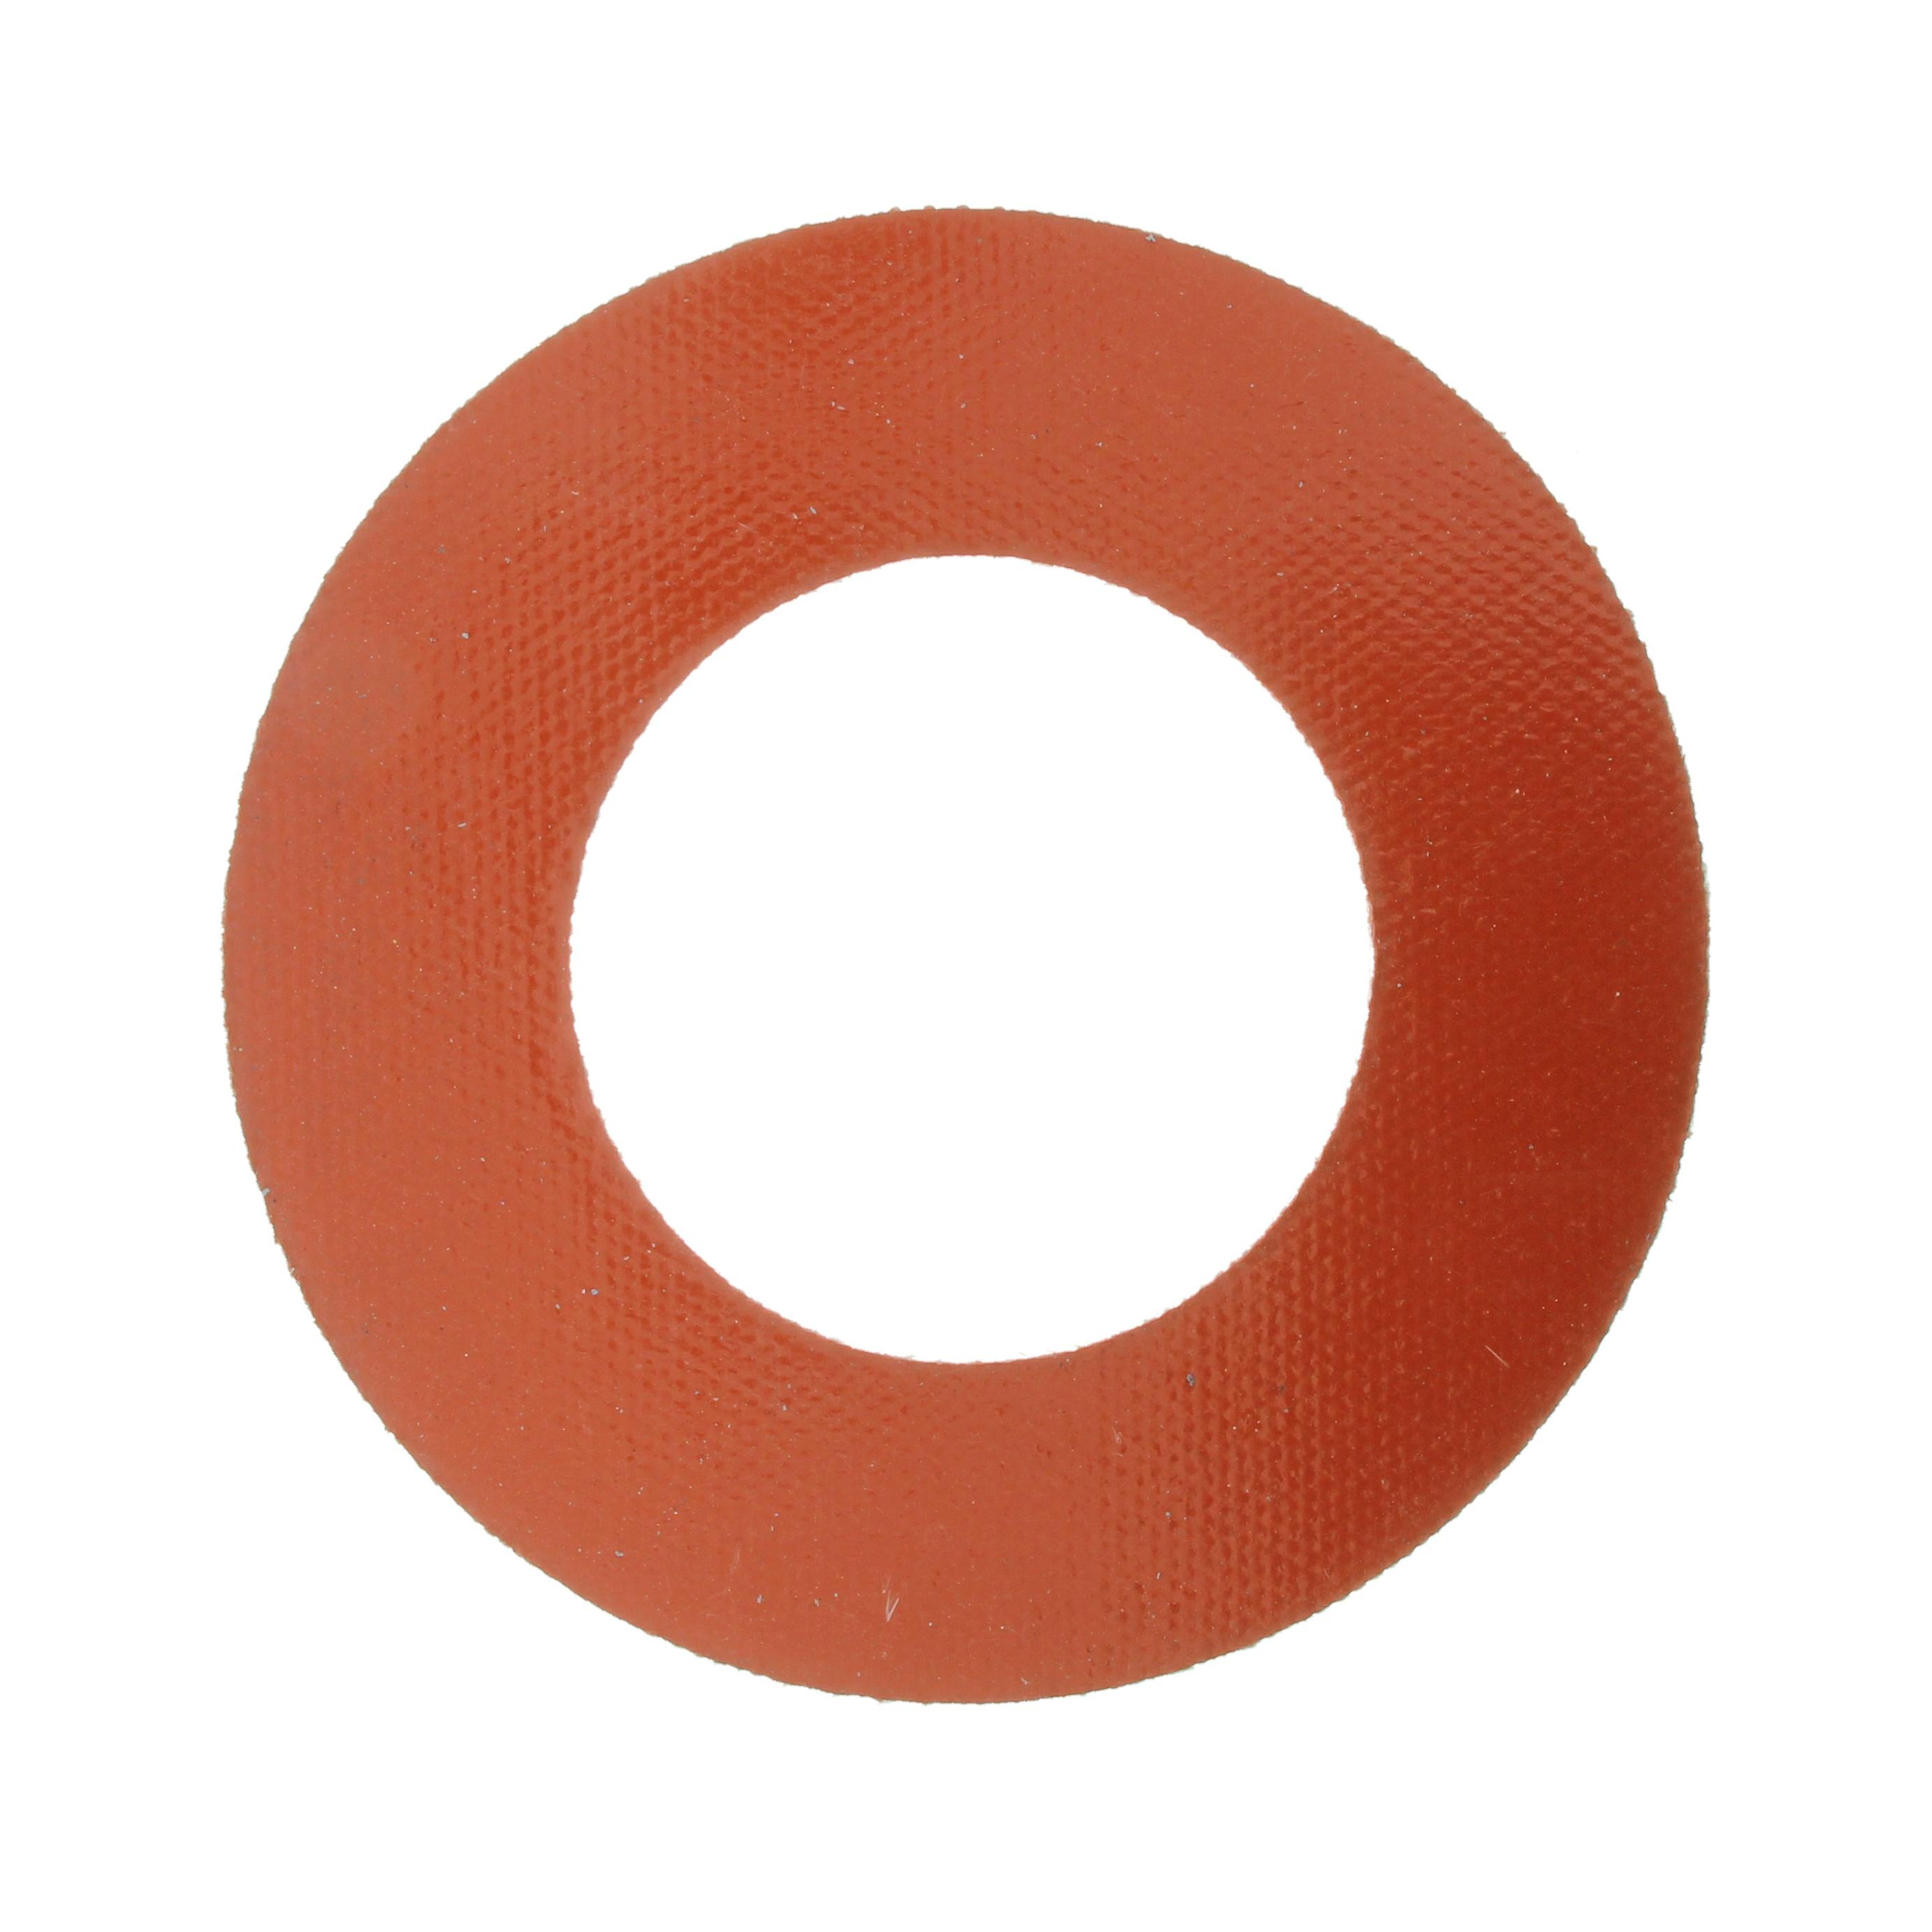 Прокладка силиконовая  (80)  д/опок СФ70мм. INDUTHERM